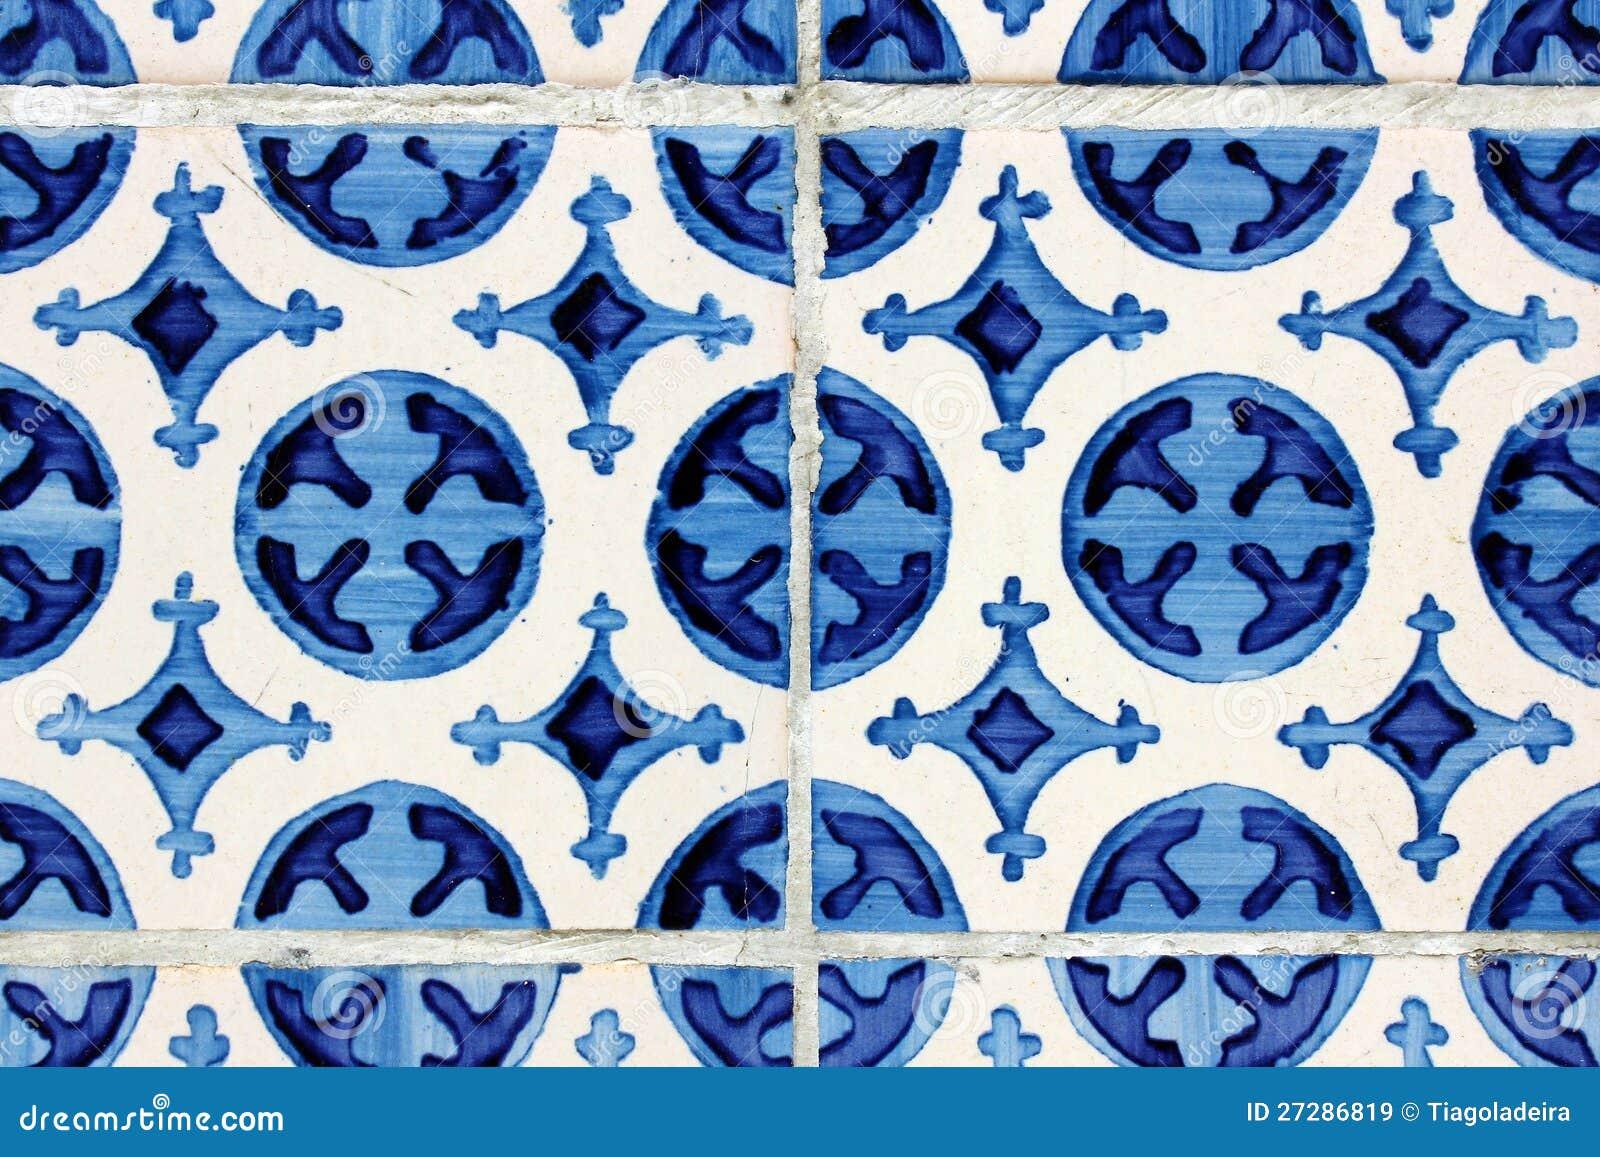 Detalj av några portugistegelplattor (azulejos)